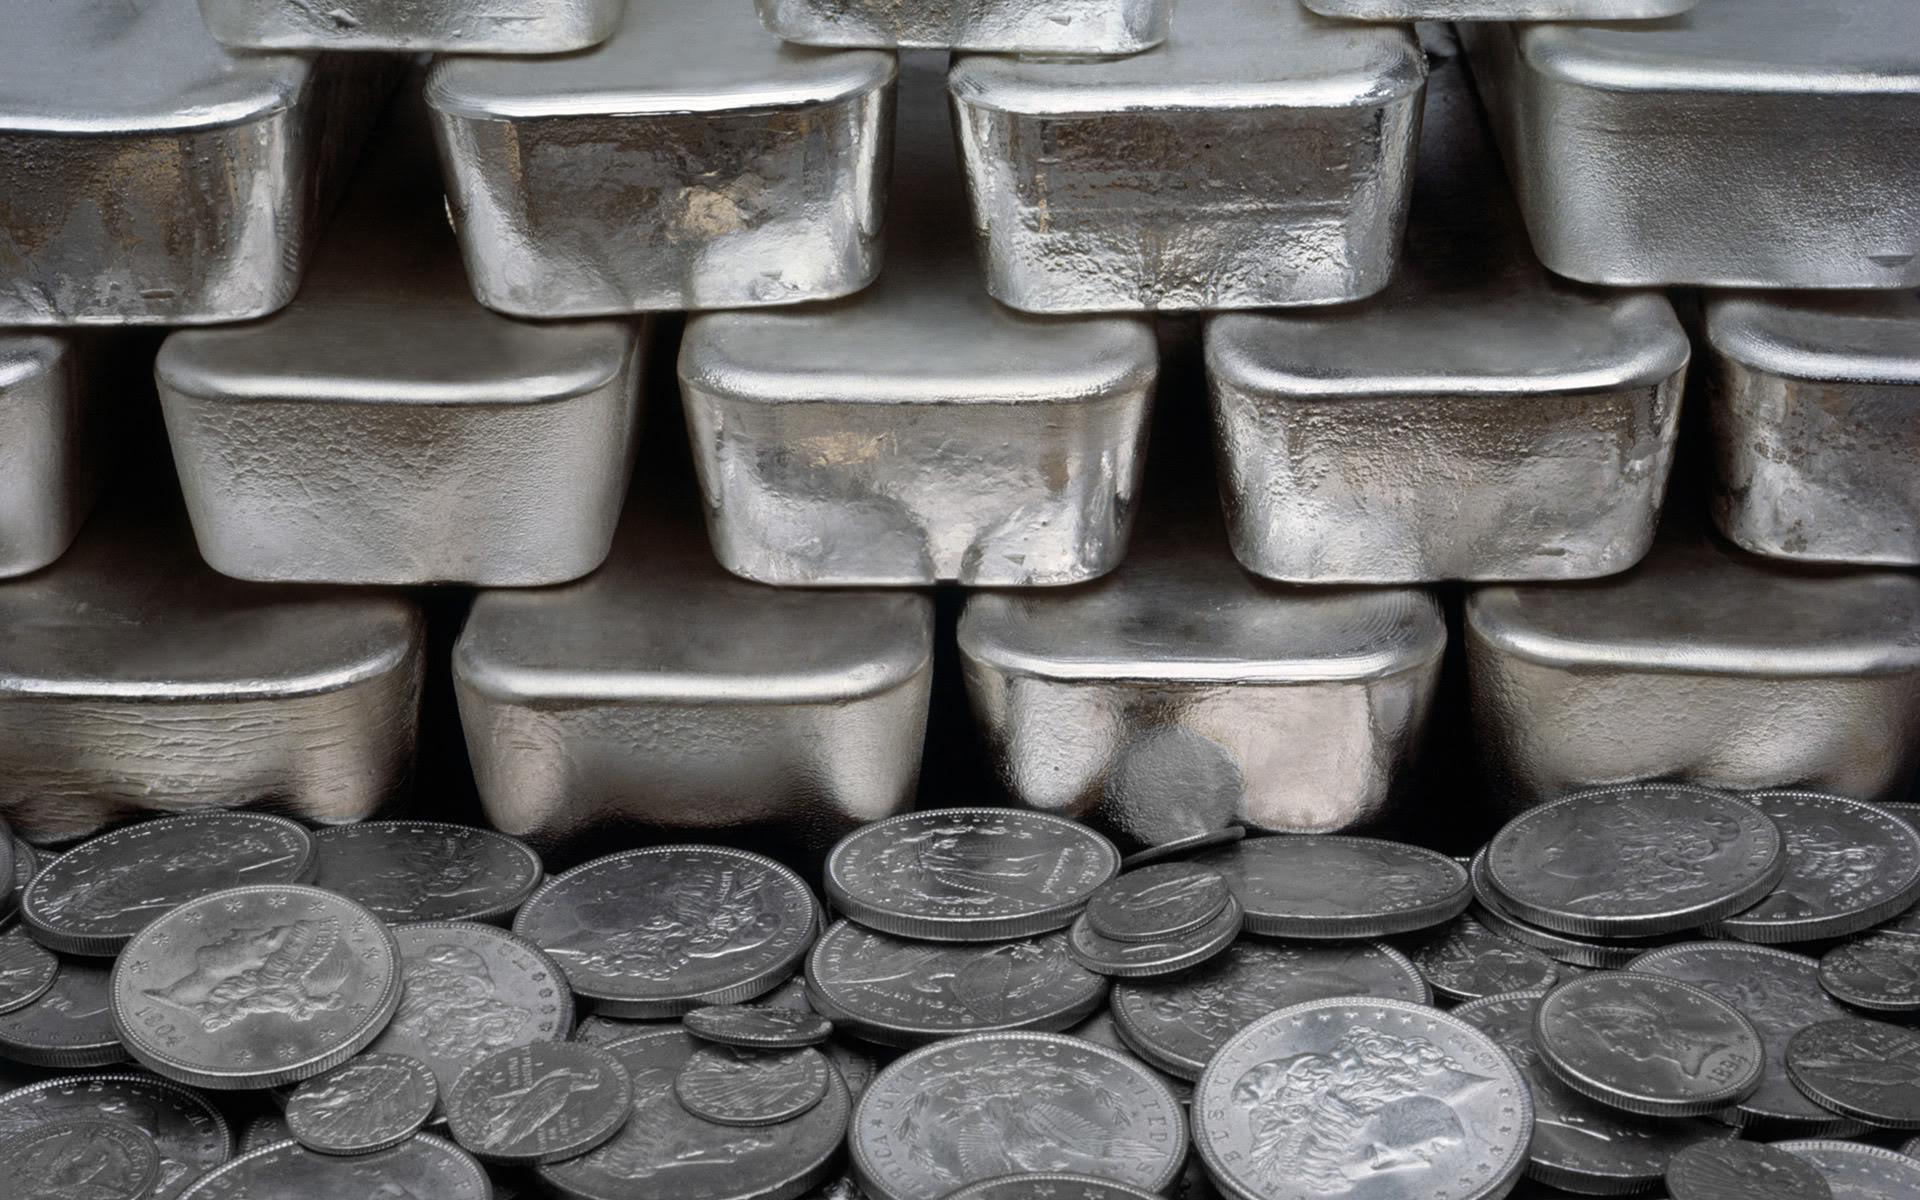 Clive P. Maund: Feu vert pour l'argent: Une des meilleures opportunités d'achat depuis des années...